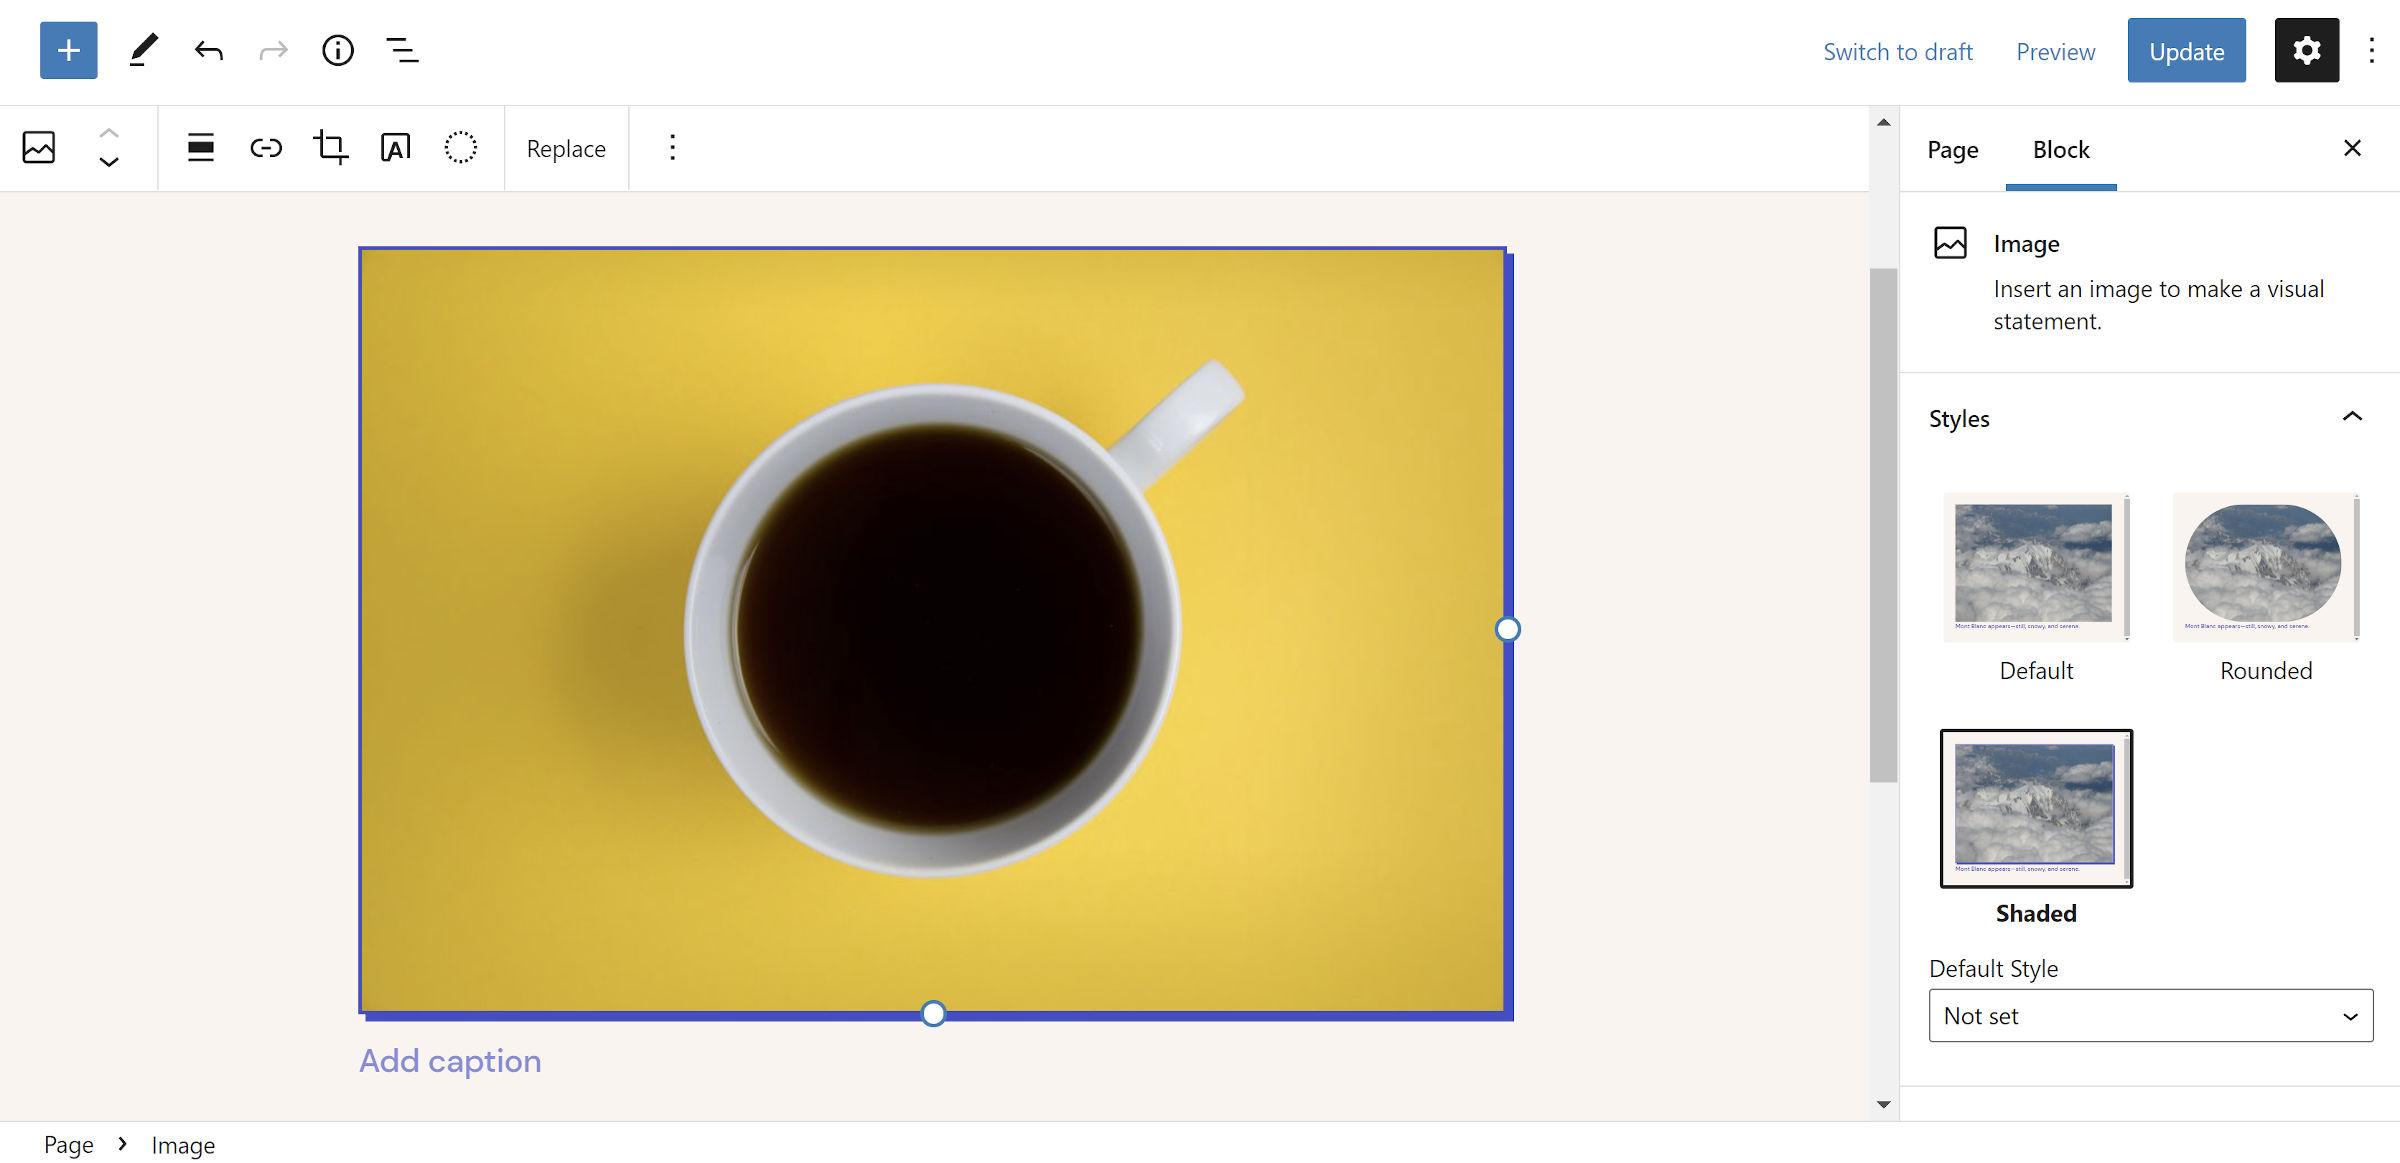 Ombre portée bleue sur l'image d'un café dans une tasse dans l'éditeur WordPress.